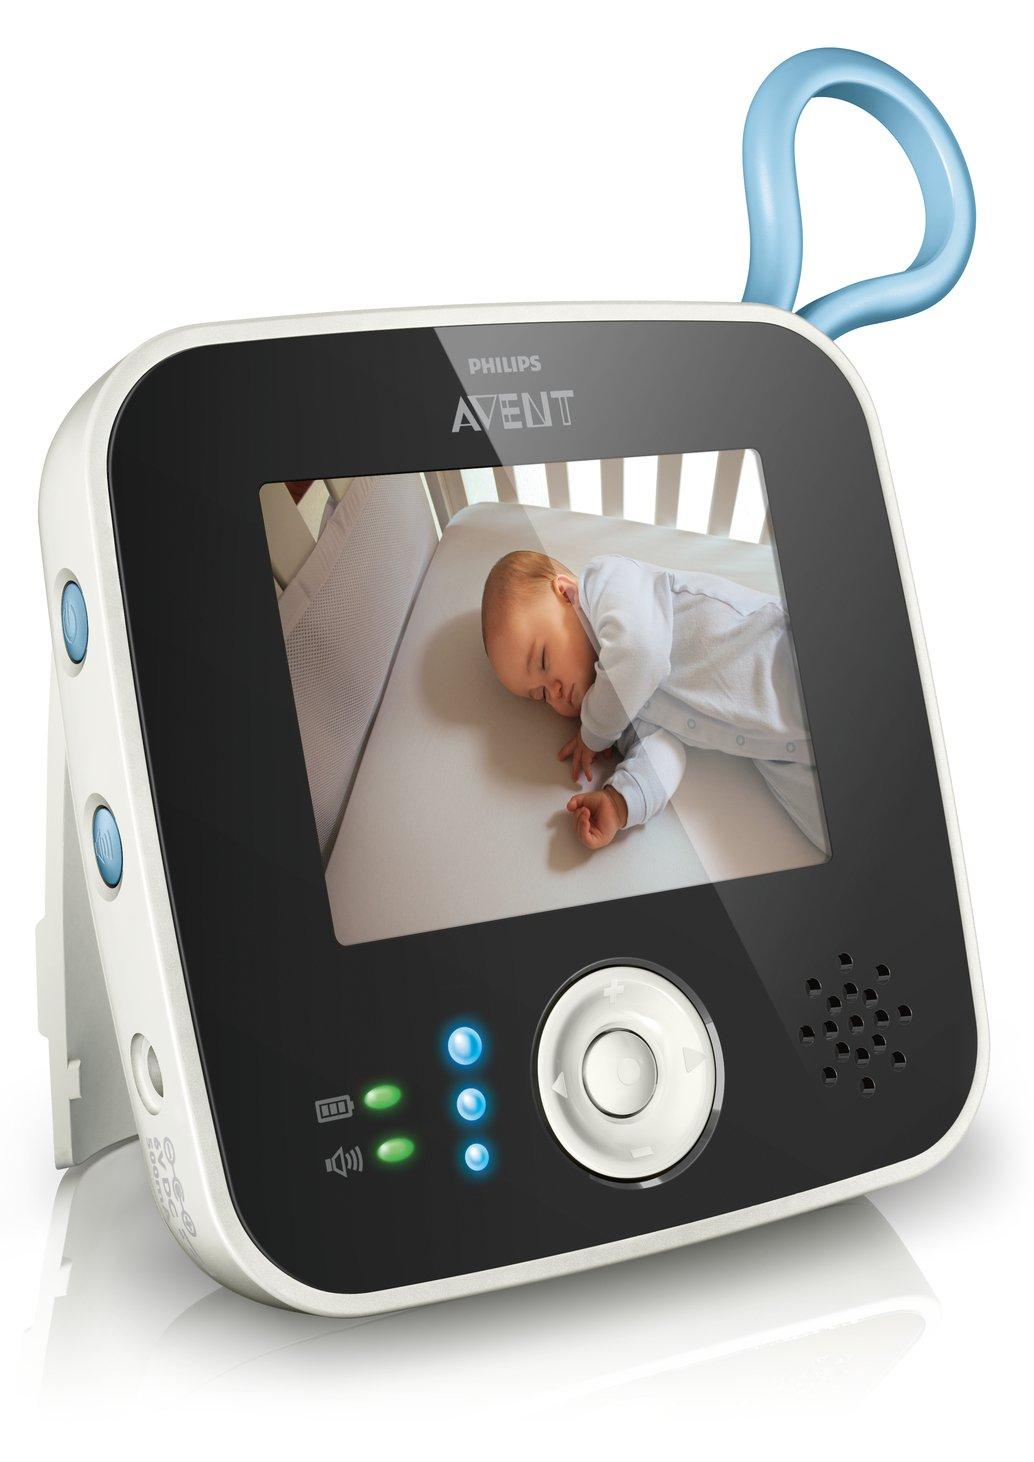 Philips - Camara Vigilancia Scd609, Para Bebes, Adicional Para Video Monitor Con Camara: Amazon.es: Bebé